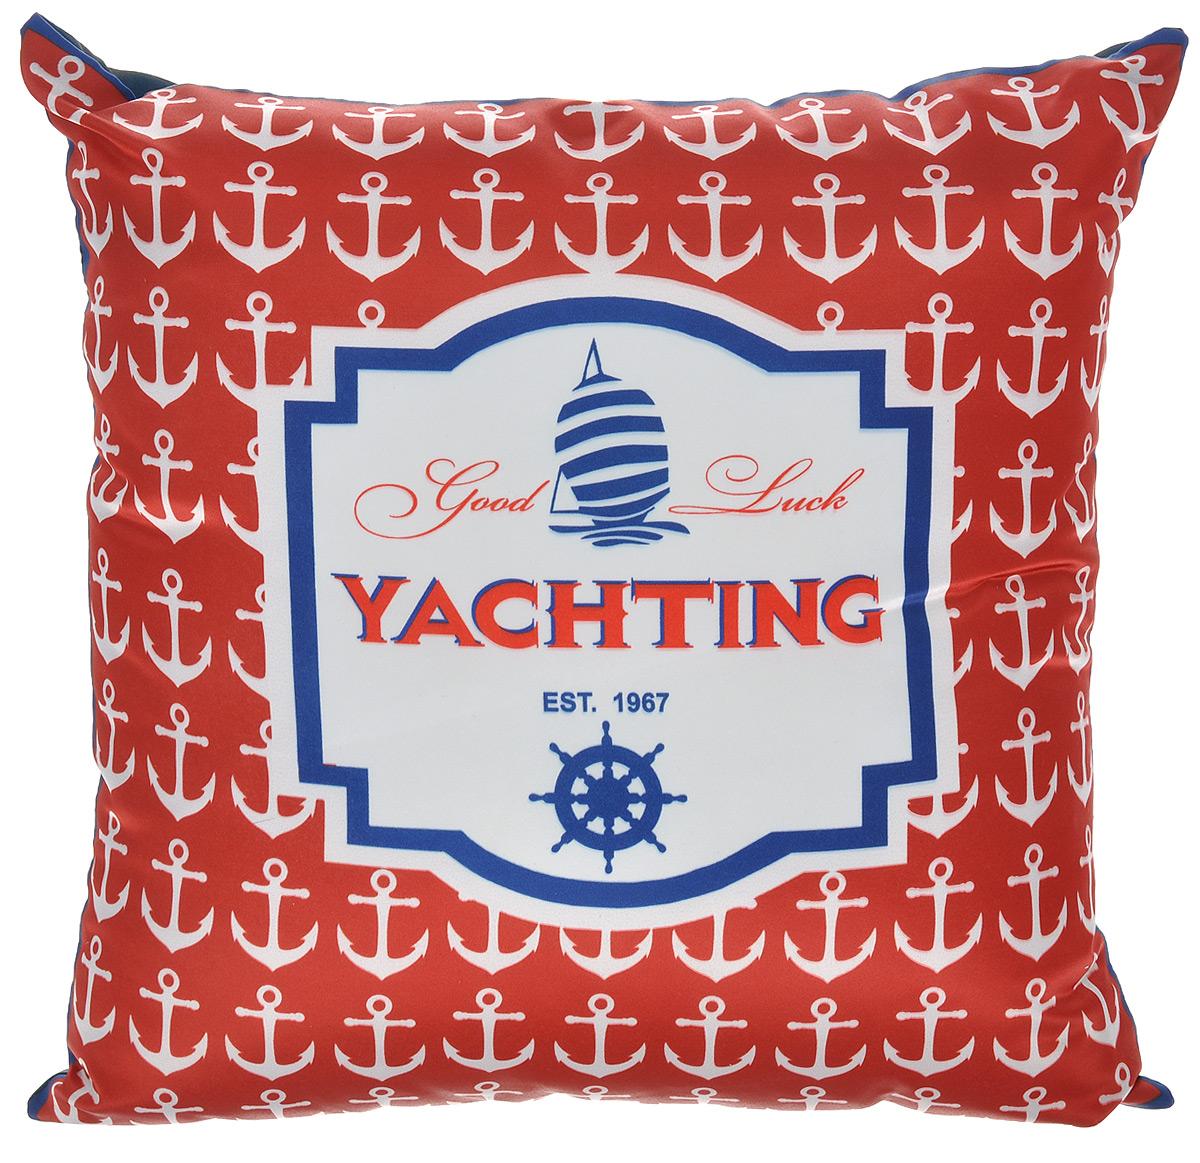 Подушка декоративная GiftnHome Yachting, 35 см х 35 смPLW-35 YachtingДекоративная подушка GiftnHome Yachting станет прекрасным украшением интерьера помещения. Наволочка выполнена из атласа, внутри - наполнитель из мягкого холлофайбера. Подушка оформлена красивым принтом в морском стиле. Сзади расположена молния, которая позволяет легко снять и постирать чехол.